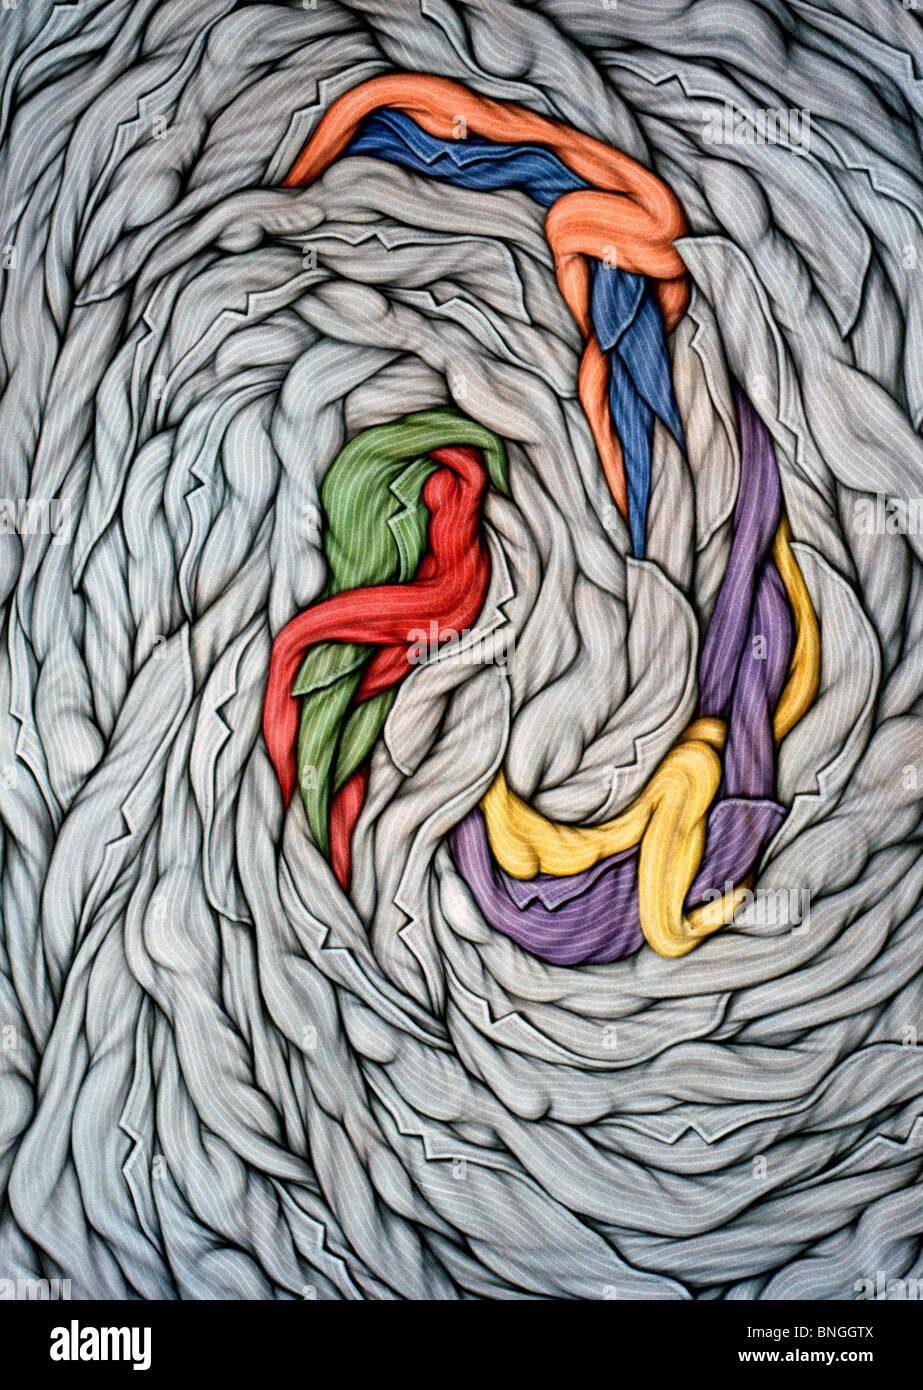 En la rueda de Ernesto Bertani, acrílico sobre lienzo, 2002, (nacido en  1949), Argentina, Buenos Aires, Zurbarán Galeria Fotografía de stock - Alamy